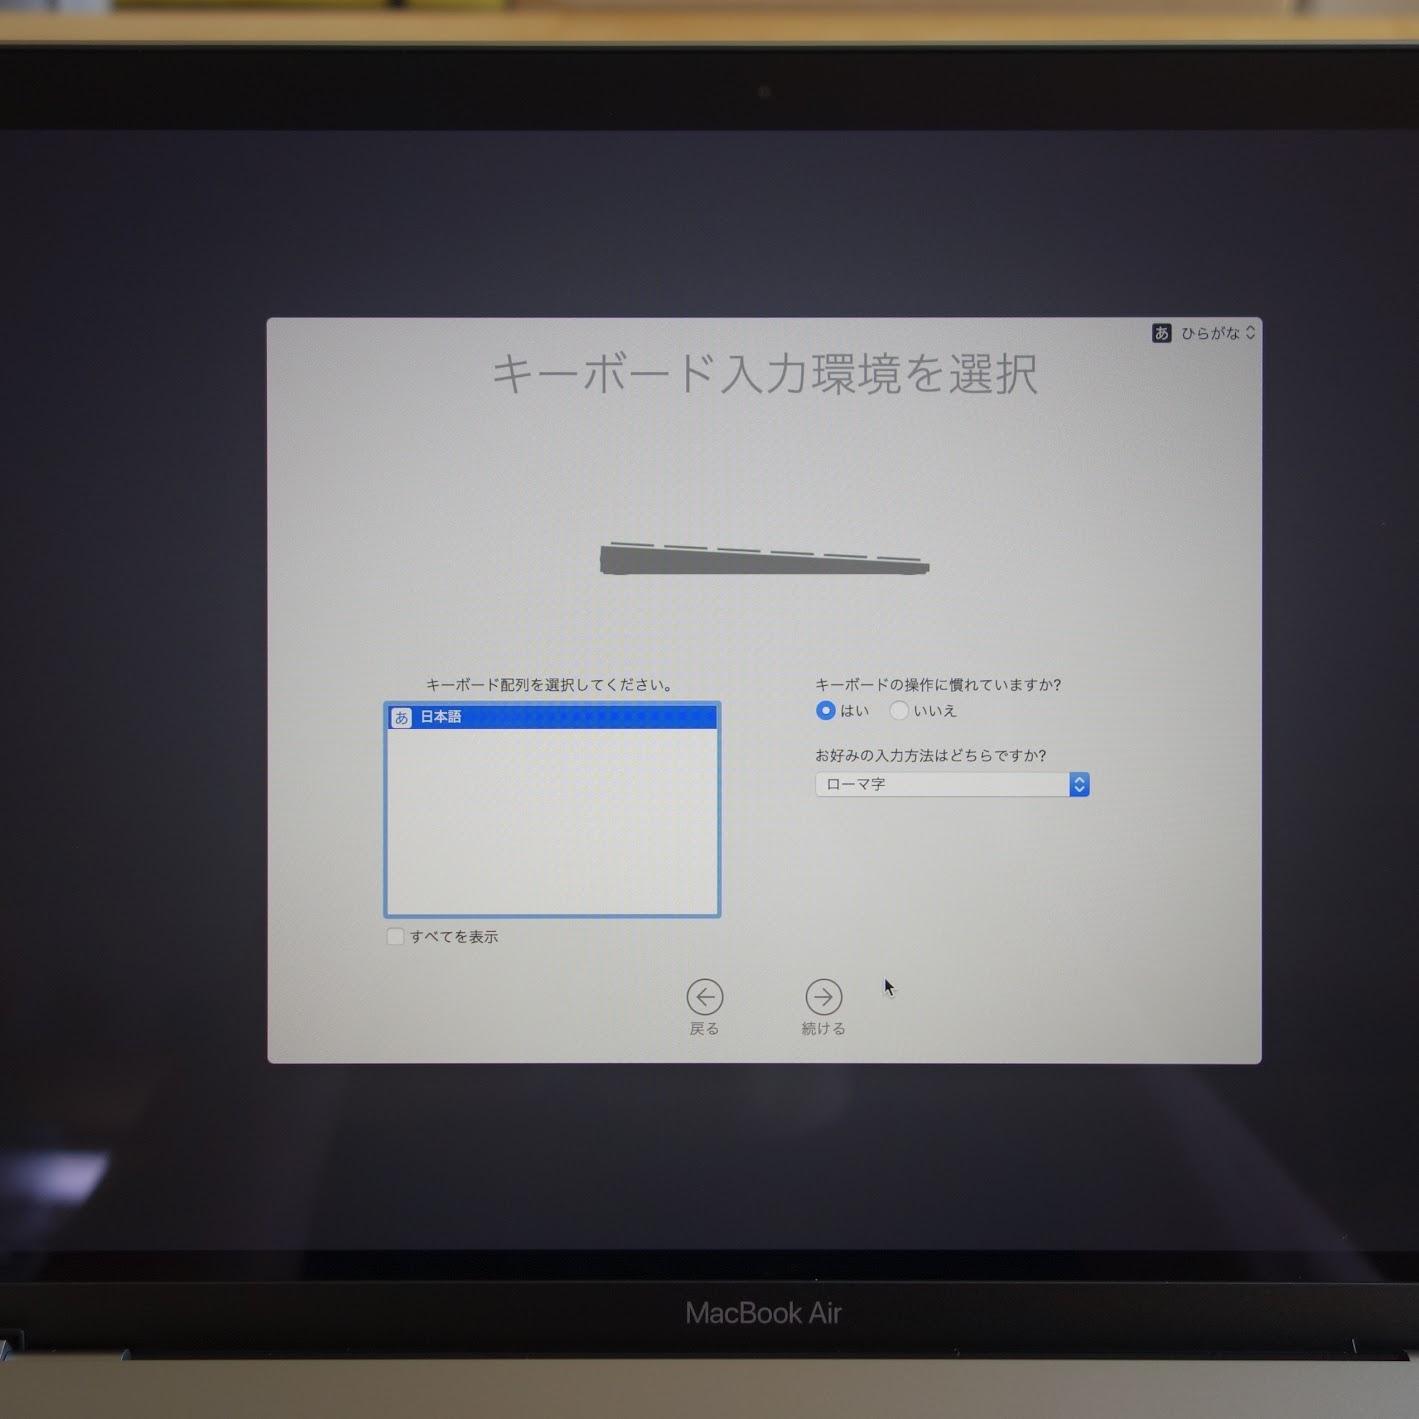 MacBook Air キーボード